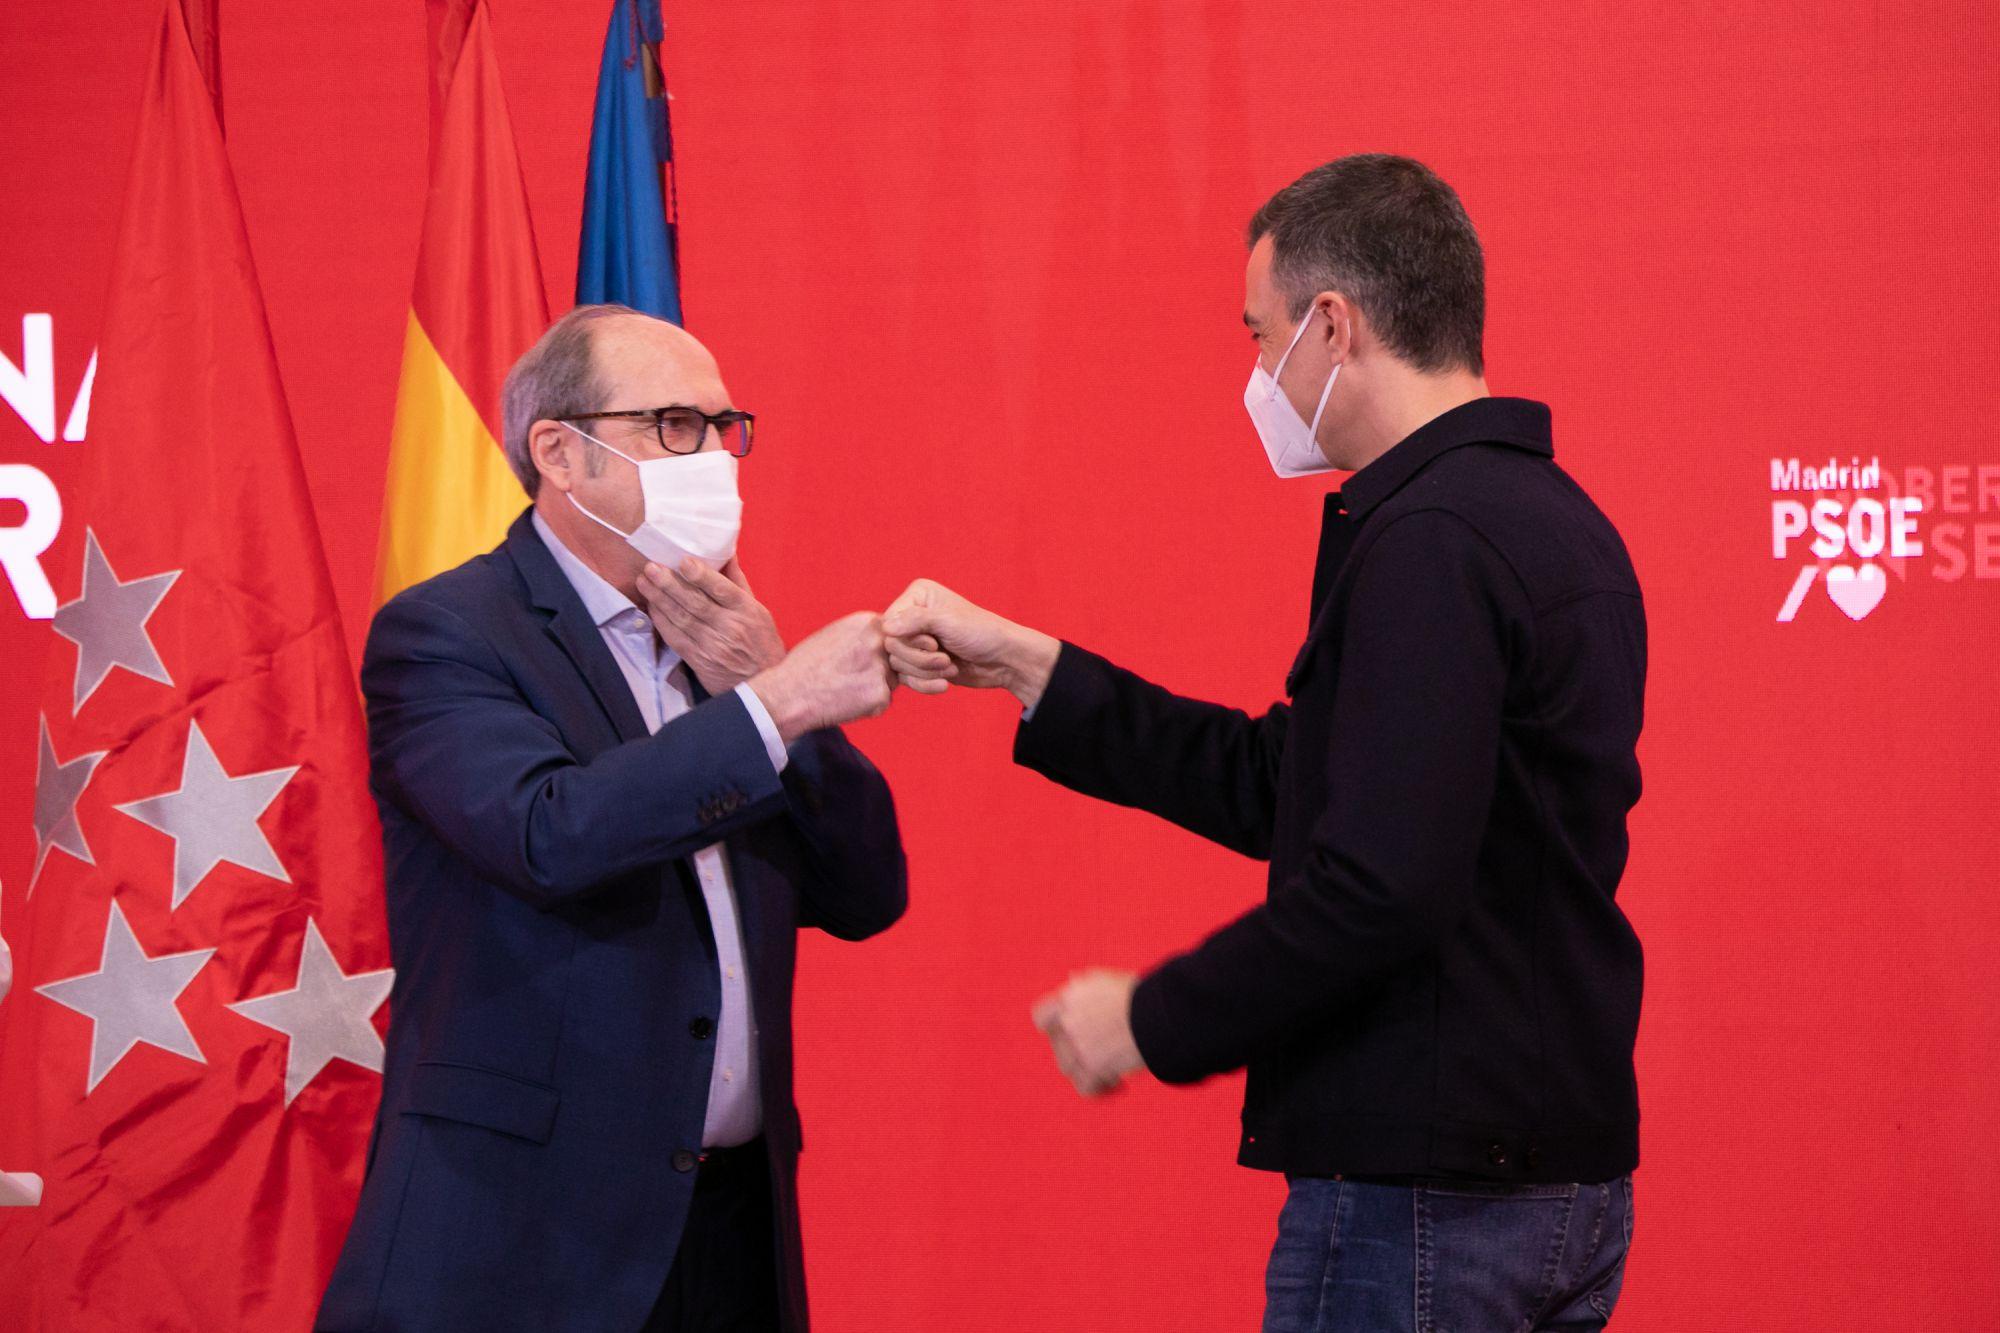 Sánchez apoya a Ángel Gabilondo y brinda apoyo a la campaña socialista en Madrid / Foto: PSOE